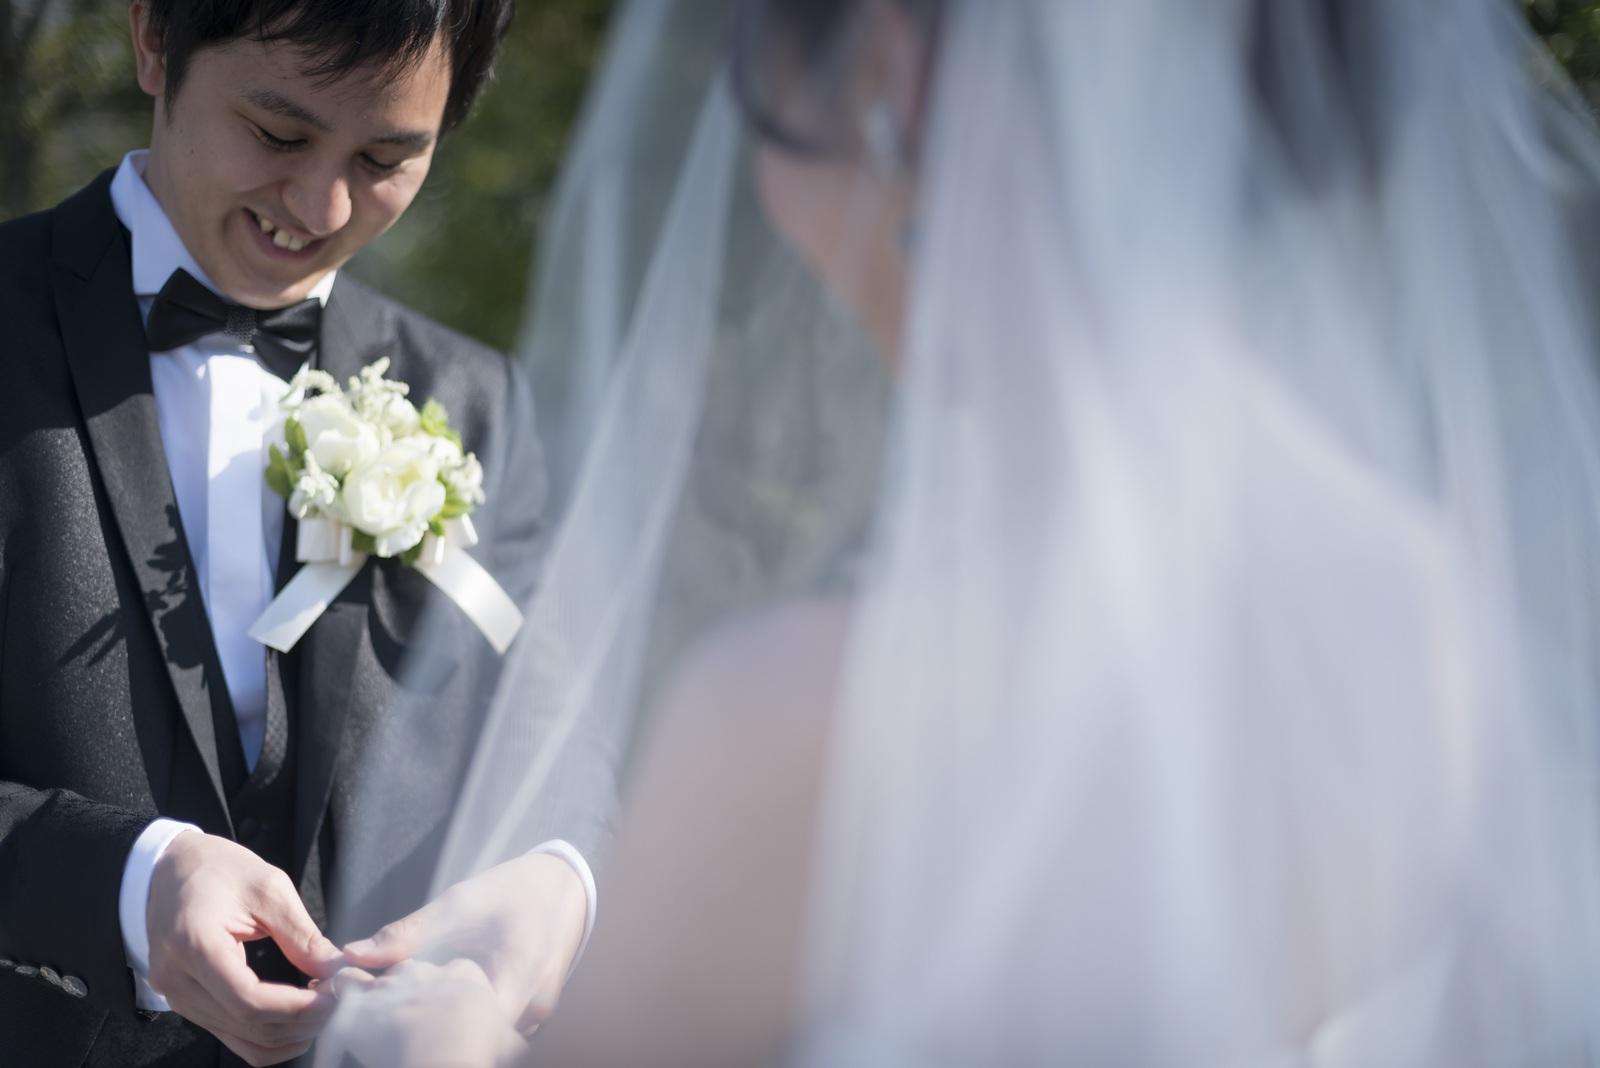 香川県の結婚式場シェルエメール&アイスタイル 指輪の交換